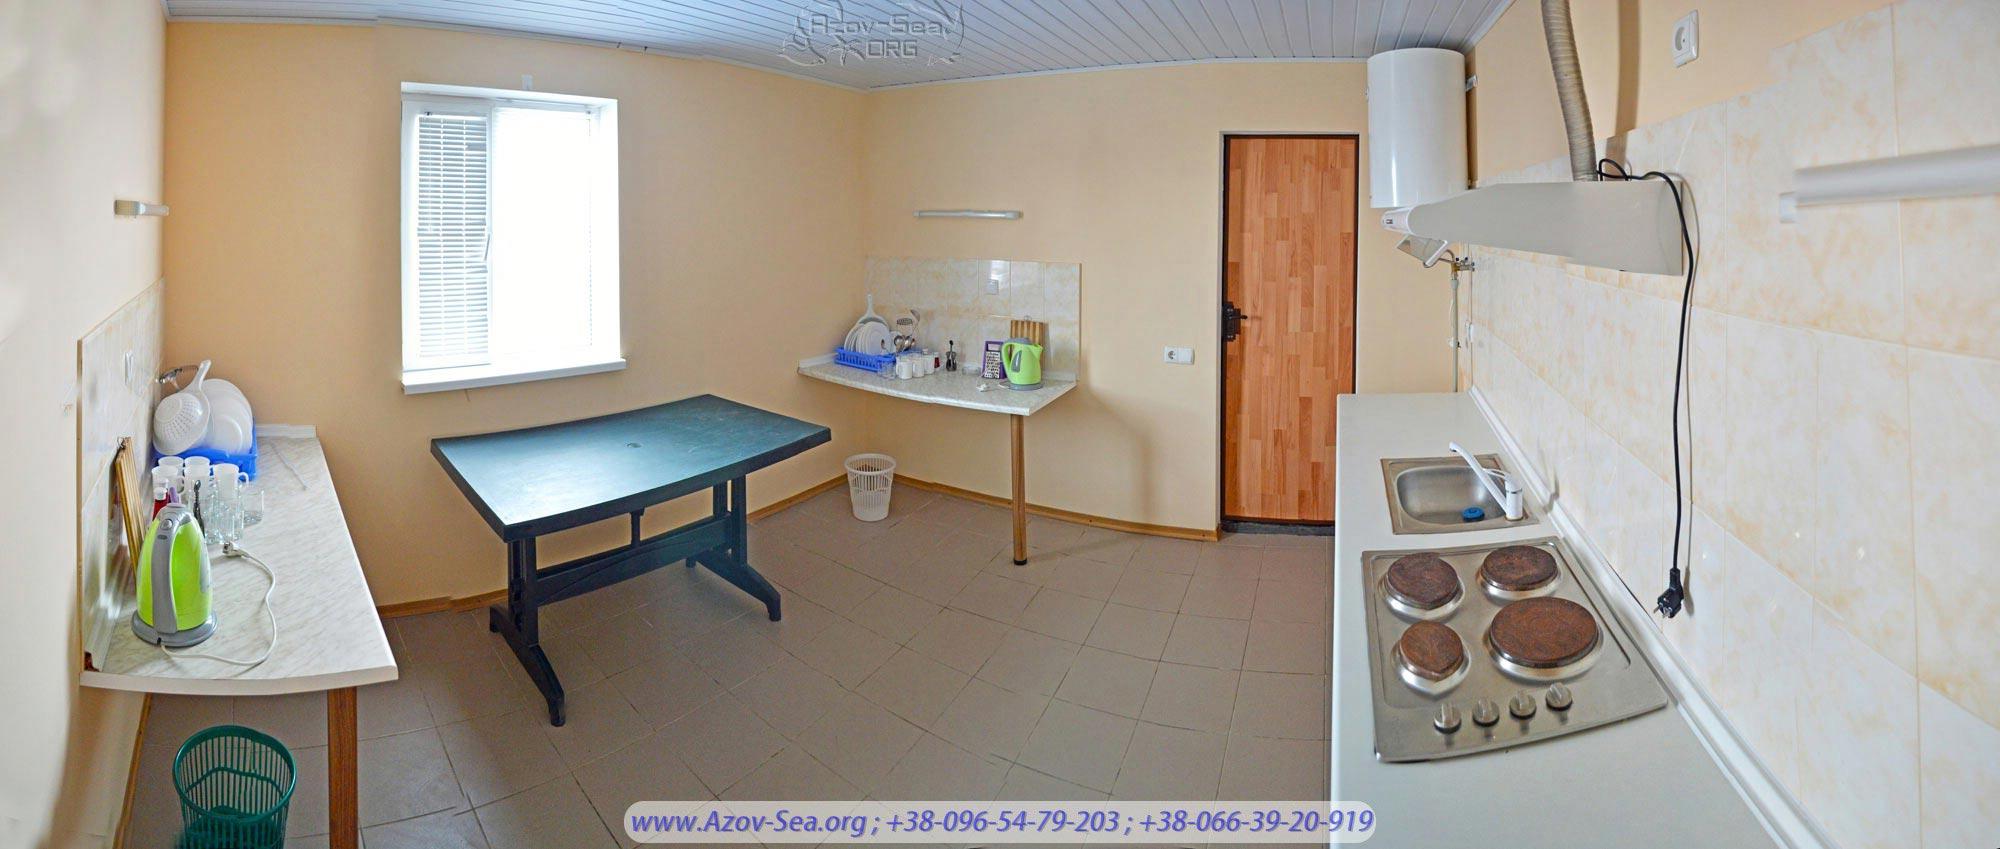 Одна большая общая кухня на 2 люкс номера расположена рядом